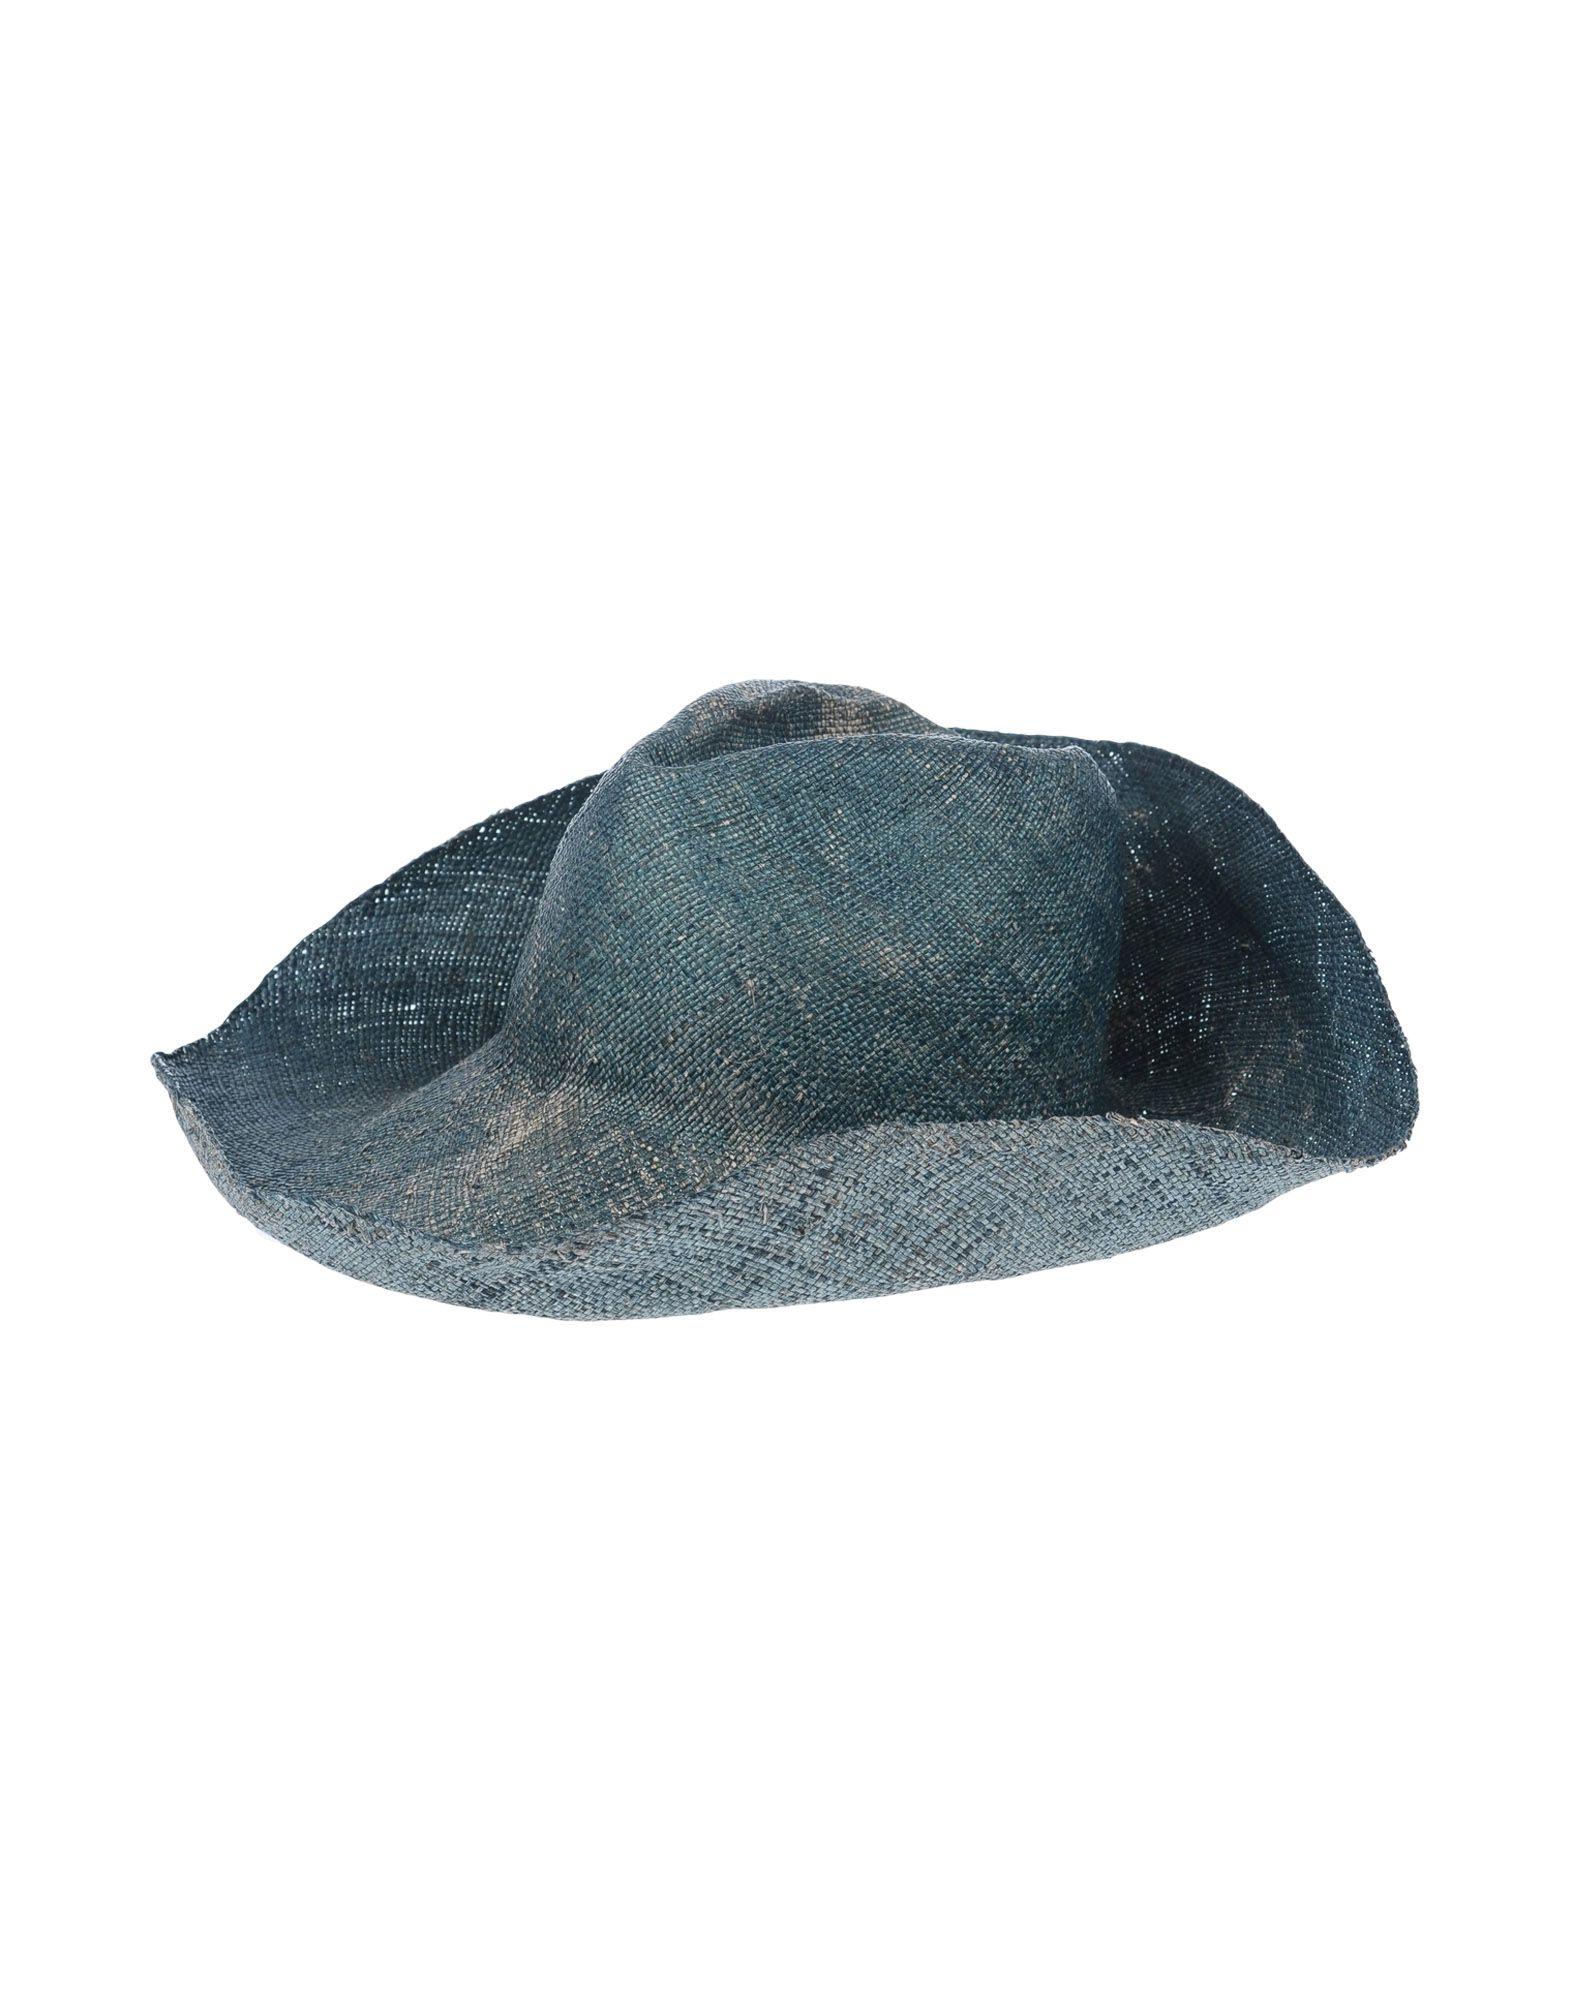 《送料無料》YESEY レディース 帽子 グリーン 57 ストロー